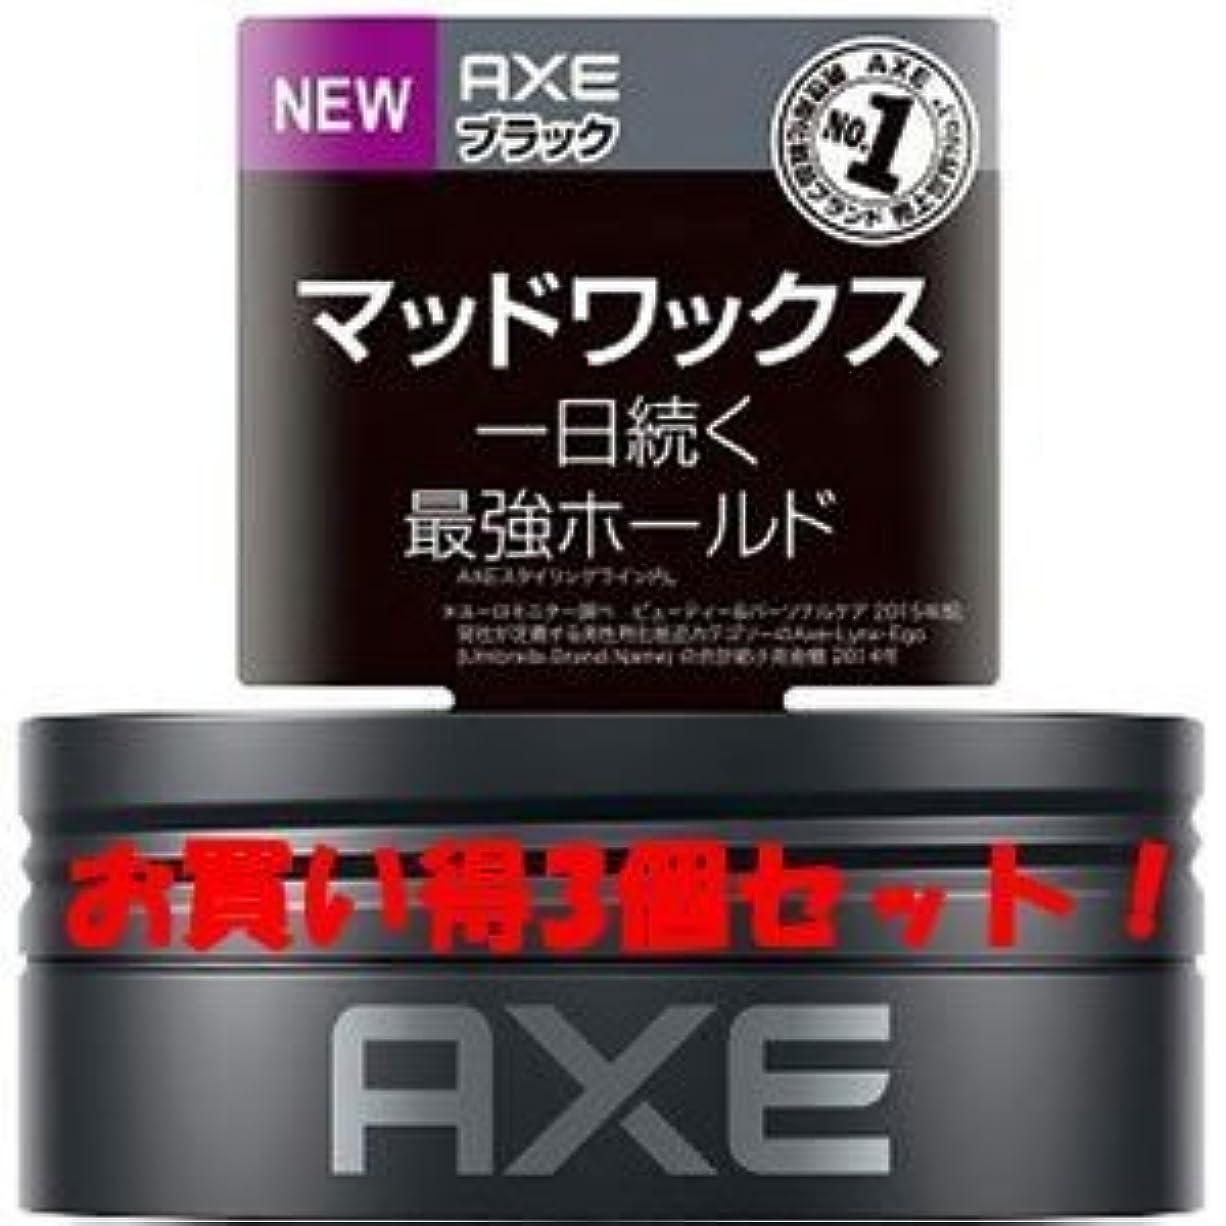 木曜日ハーフ荒廃する(2016年春の新商品)(ユニリーバ)AXE(アックス) ブラック デフィニティブホールド マッドワックス 65g(お買い得3個セット)